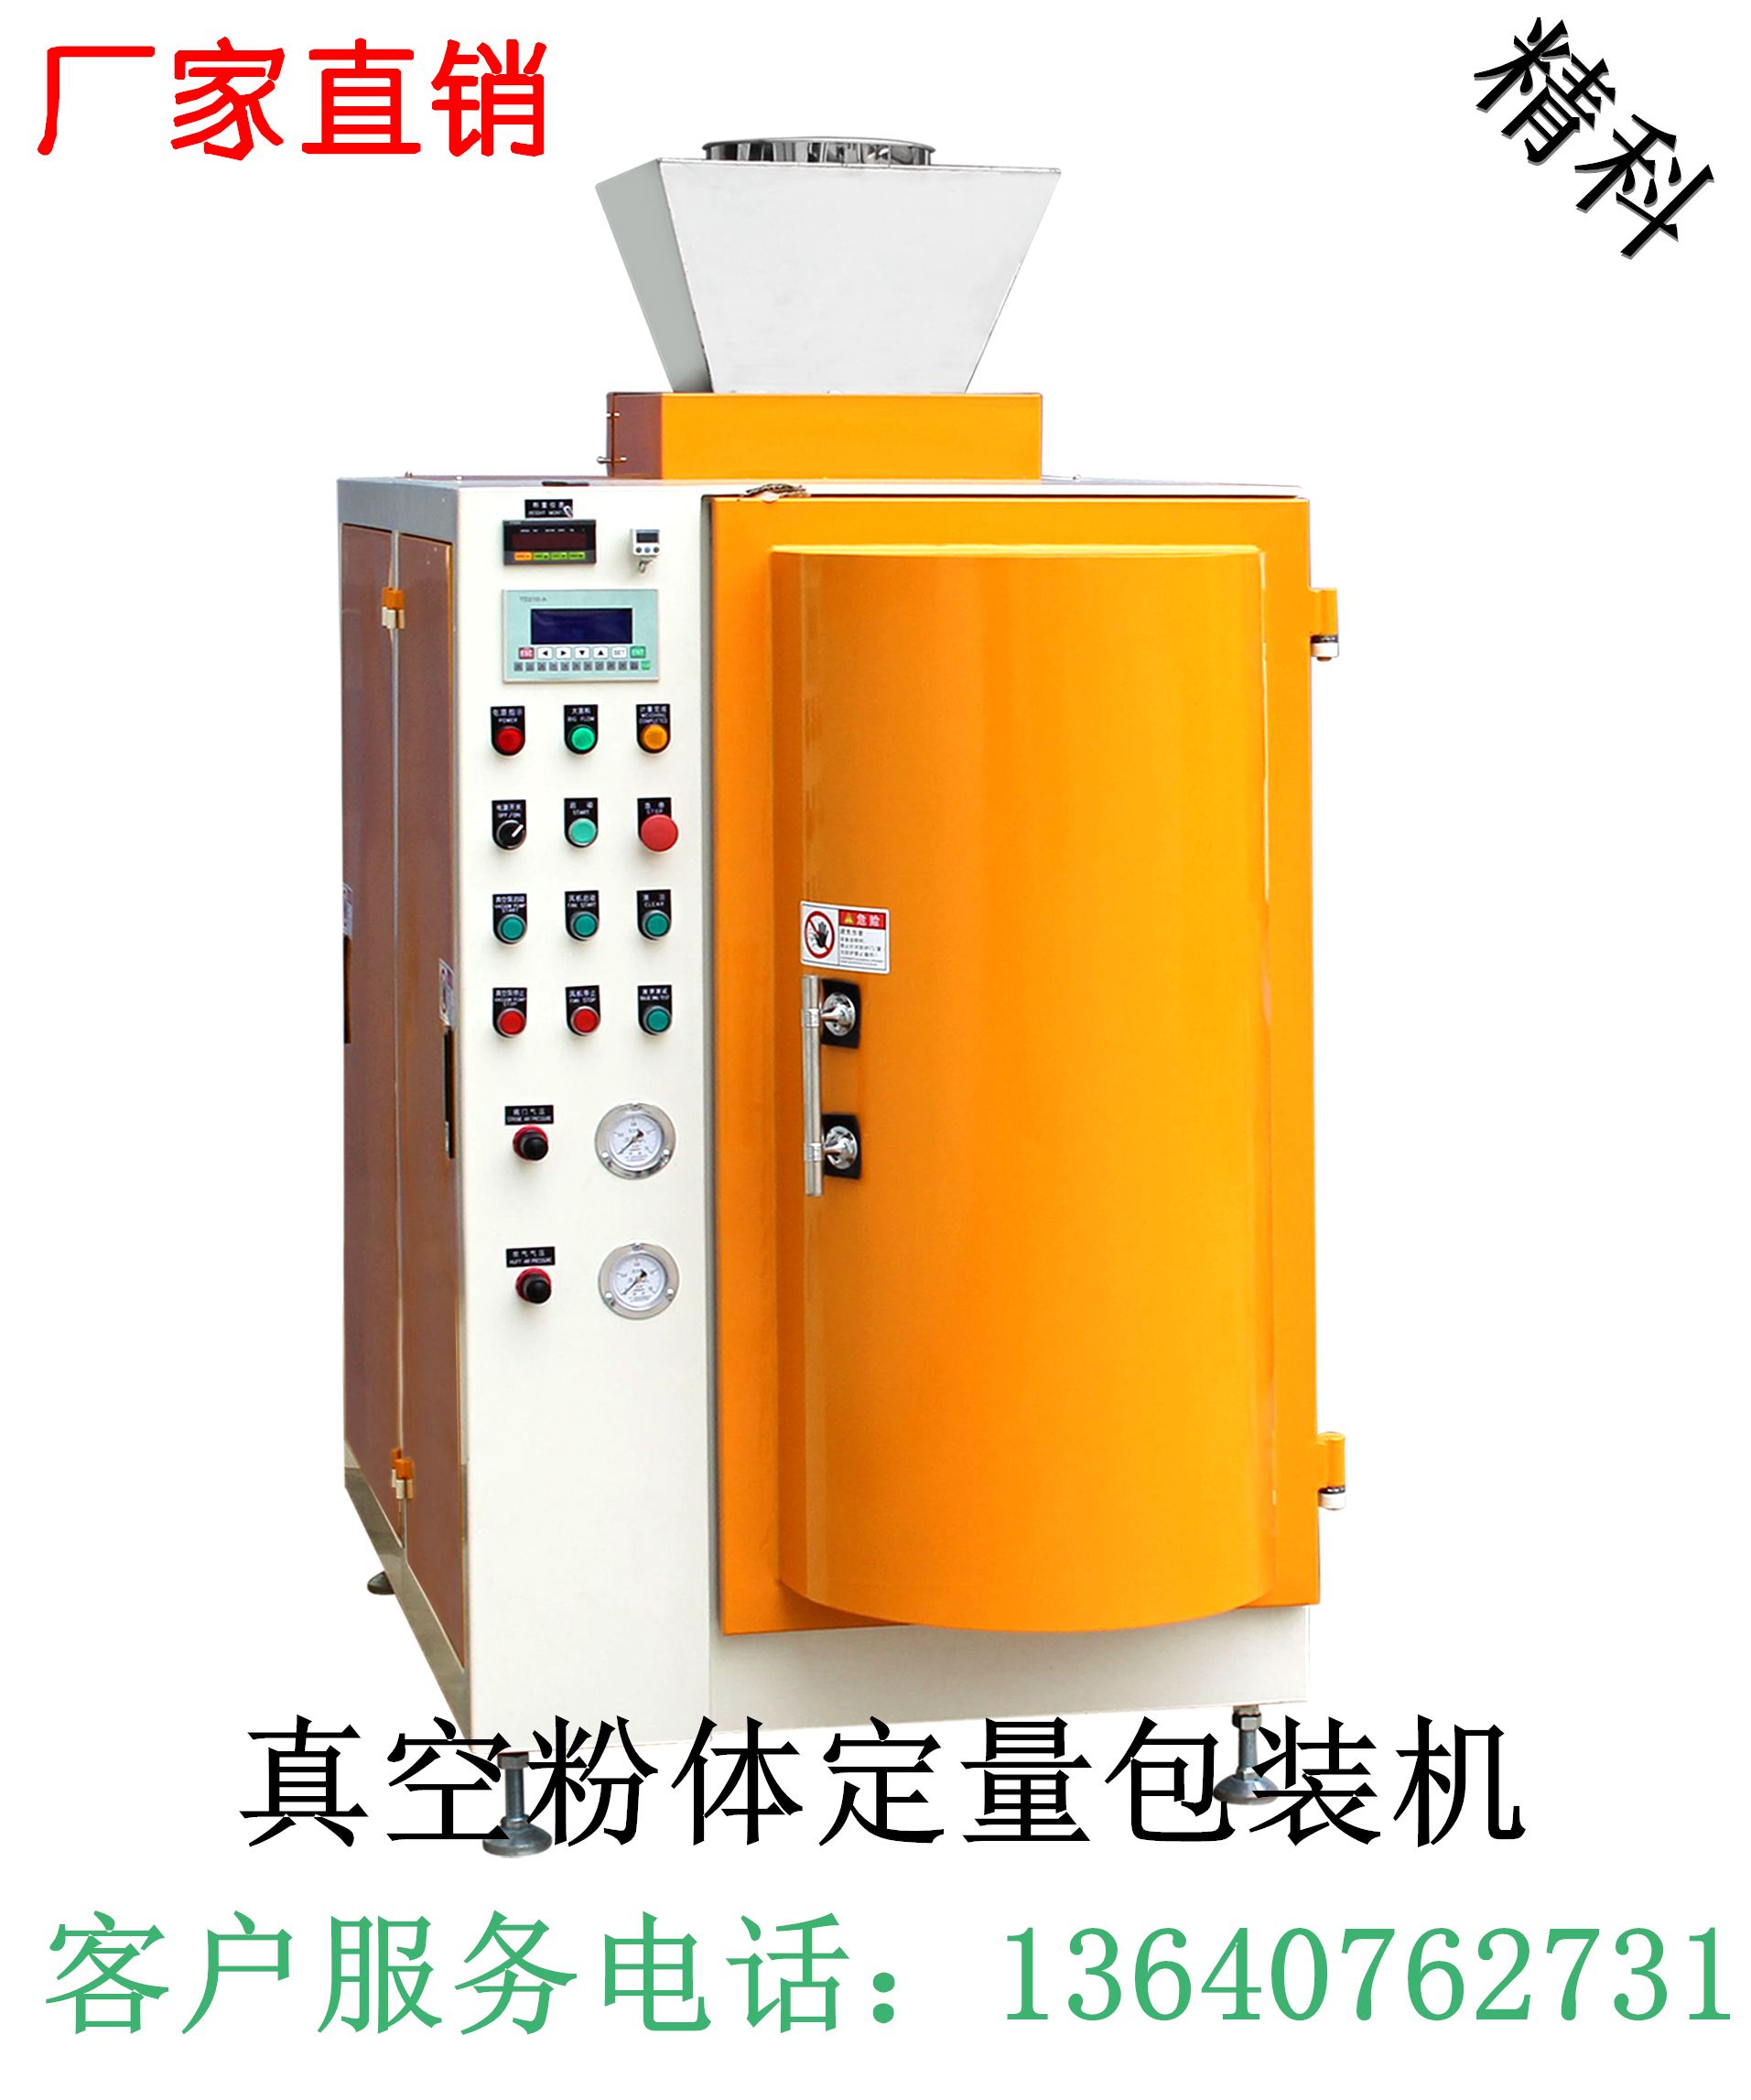 塑料发泡剂包装机,发泡剂真空抽气包装设备